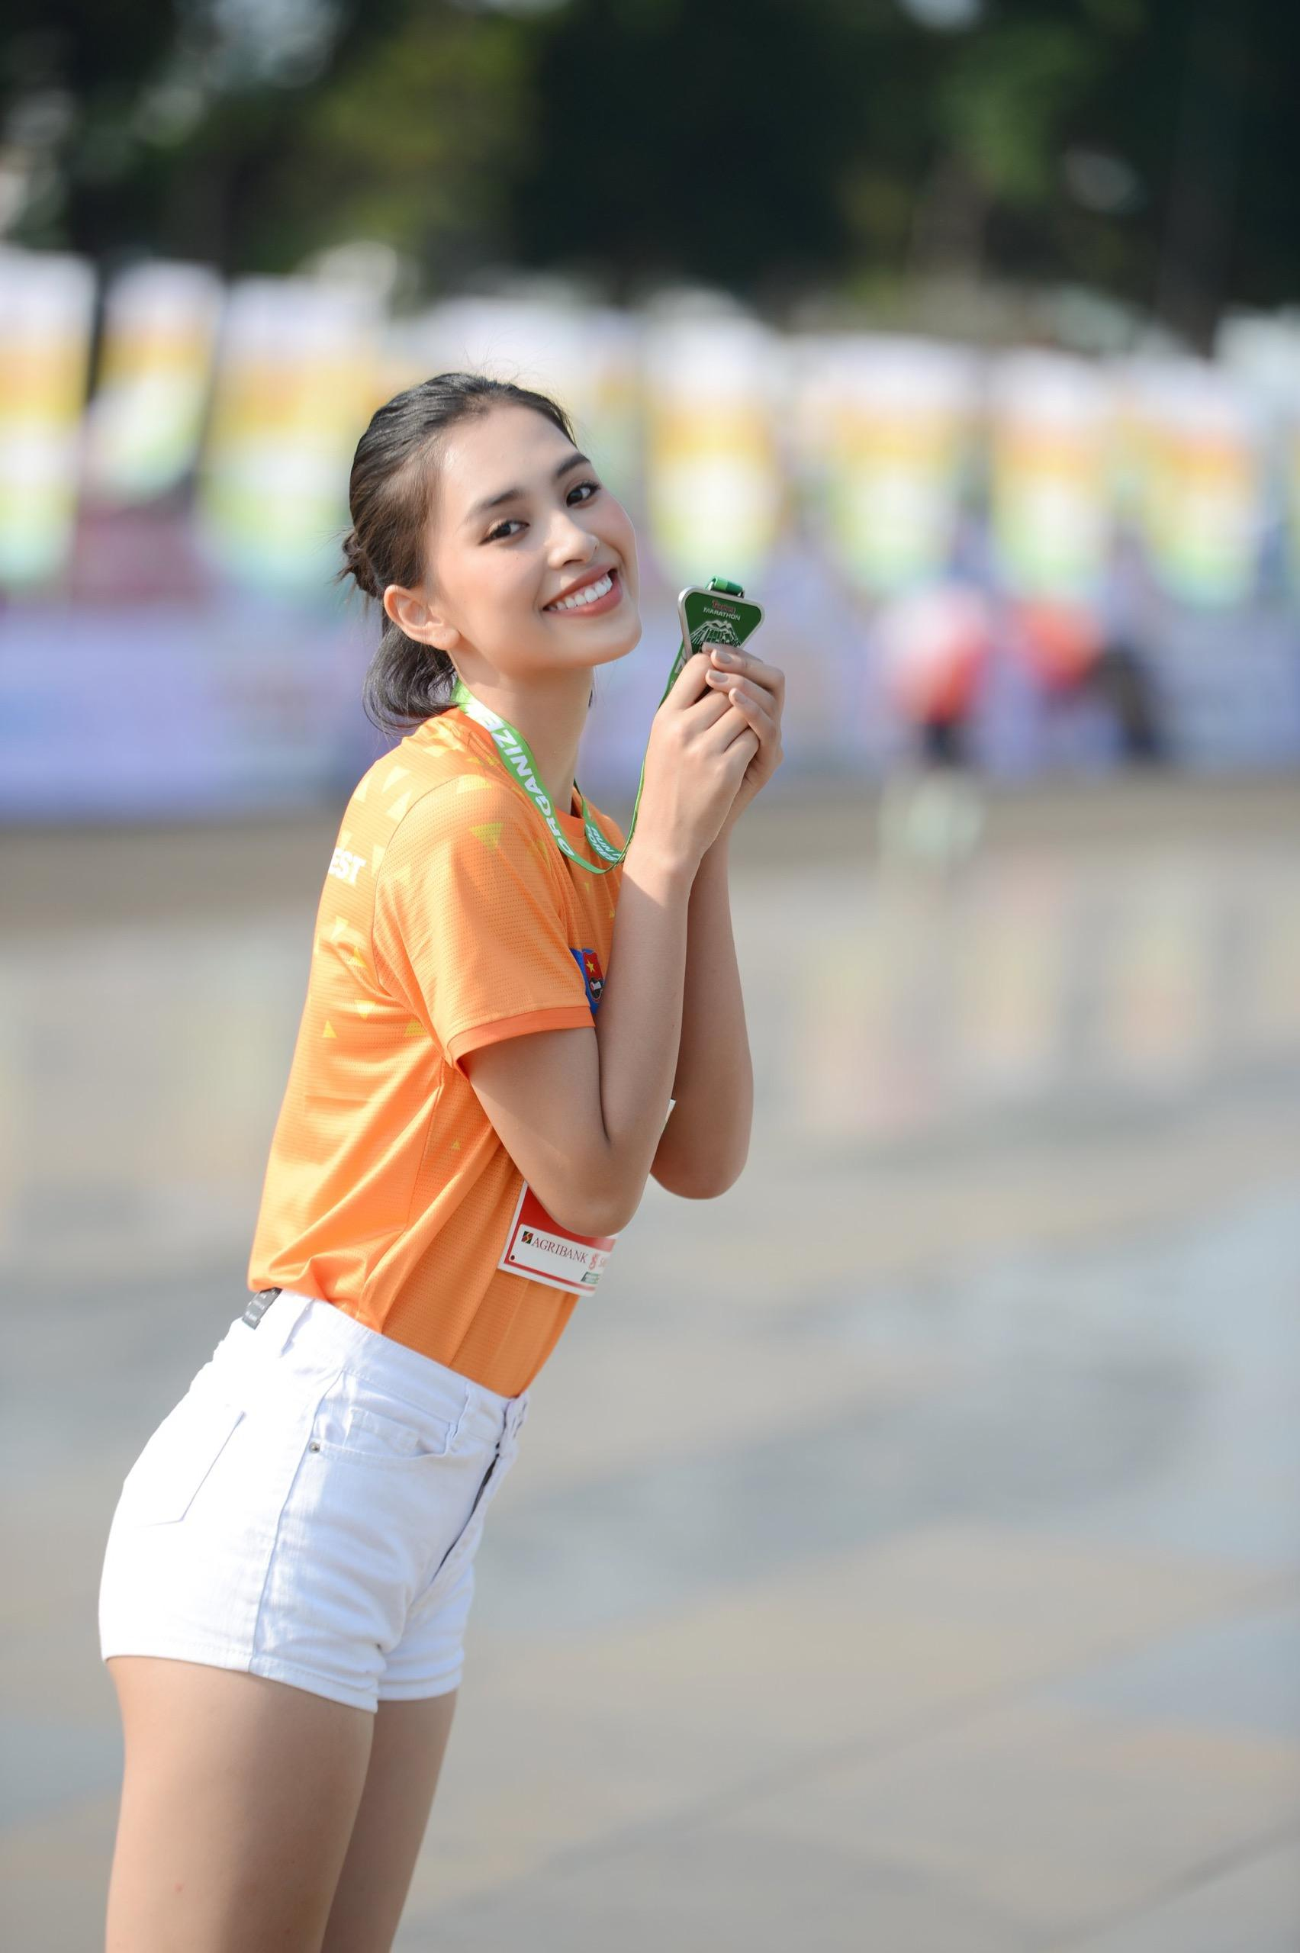 Hoa hậu Trần Tiểu Vy đẹp gây mê trên đường chạy Tiền phong Marathon ảnh 5